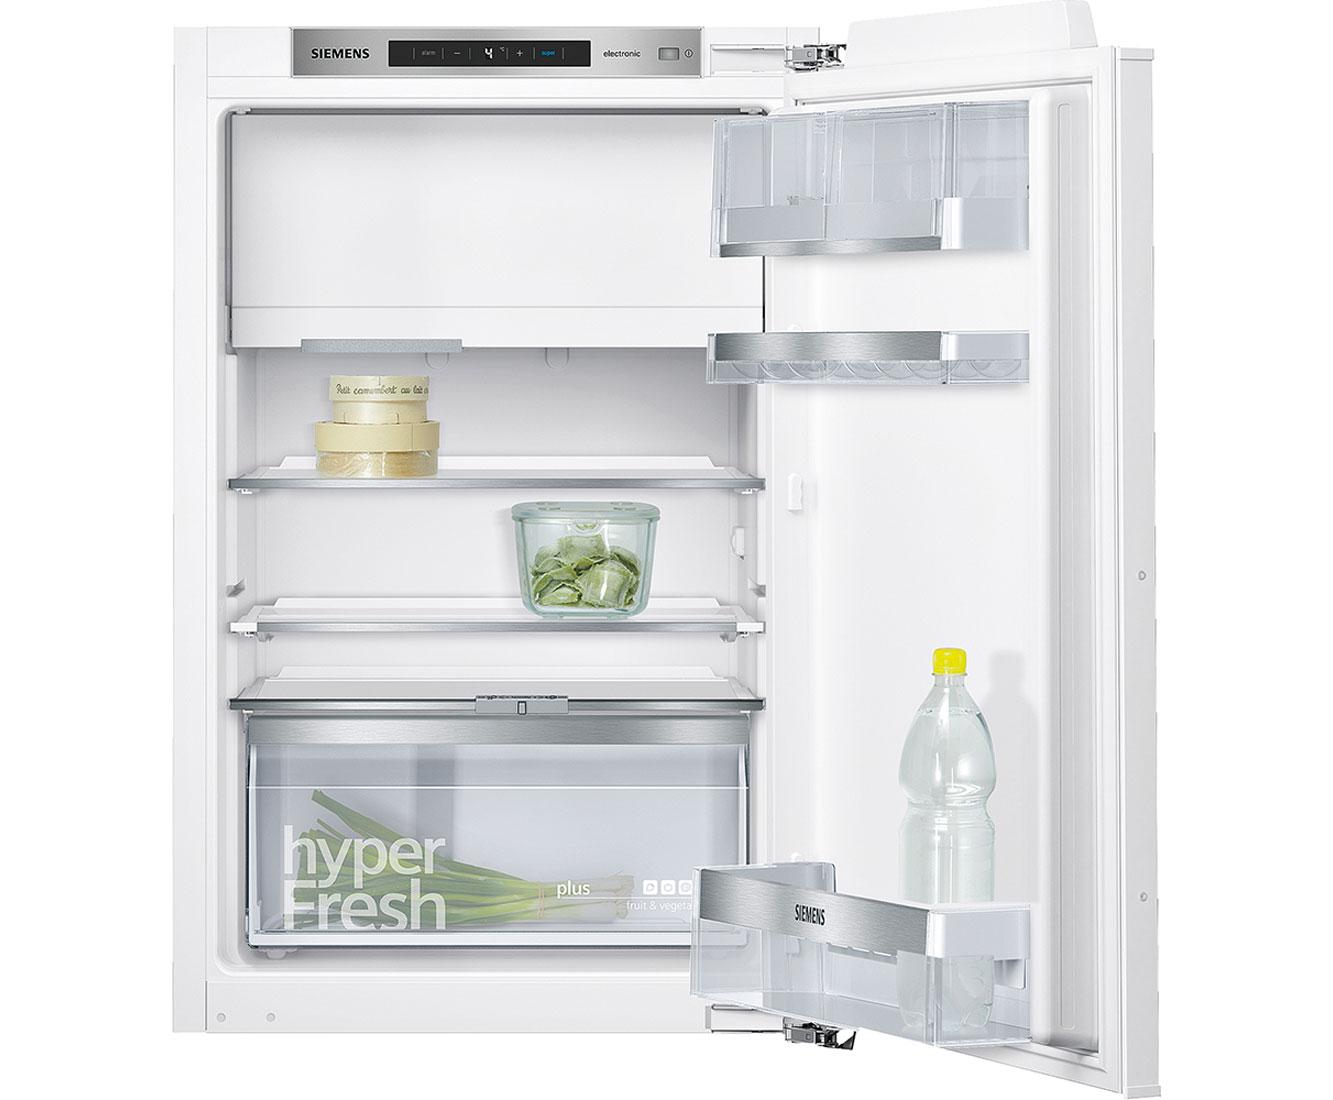 Siemens Kühlschrank Groß : Siemens ki22laf40 einbau kühlschrank mit gefrierfach 88er nische